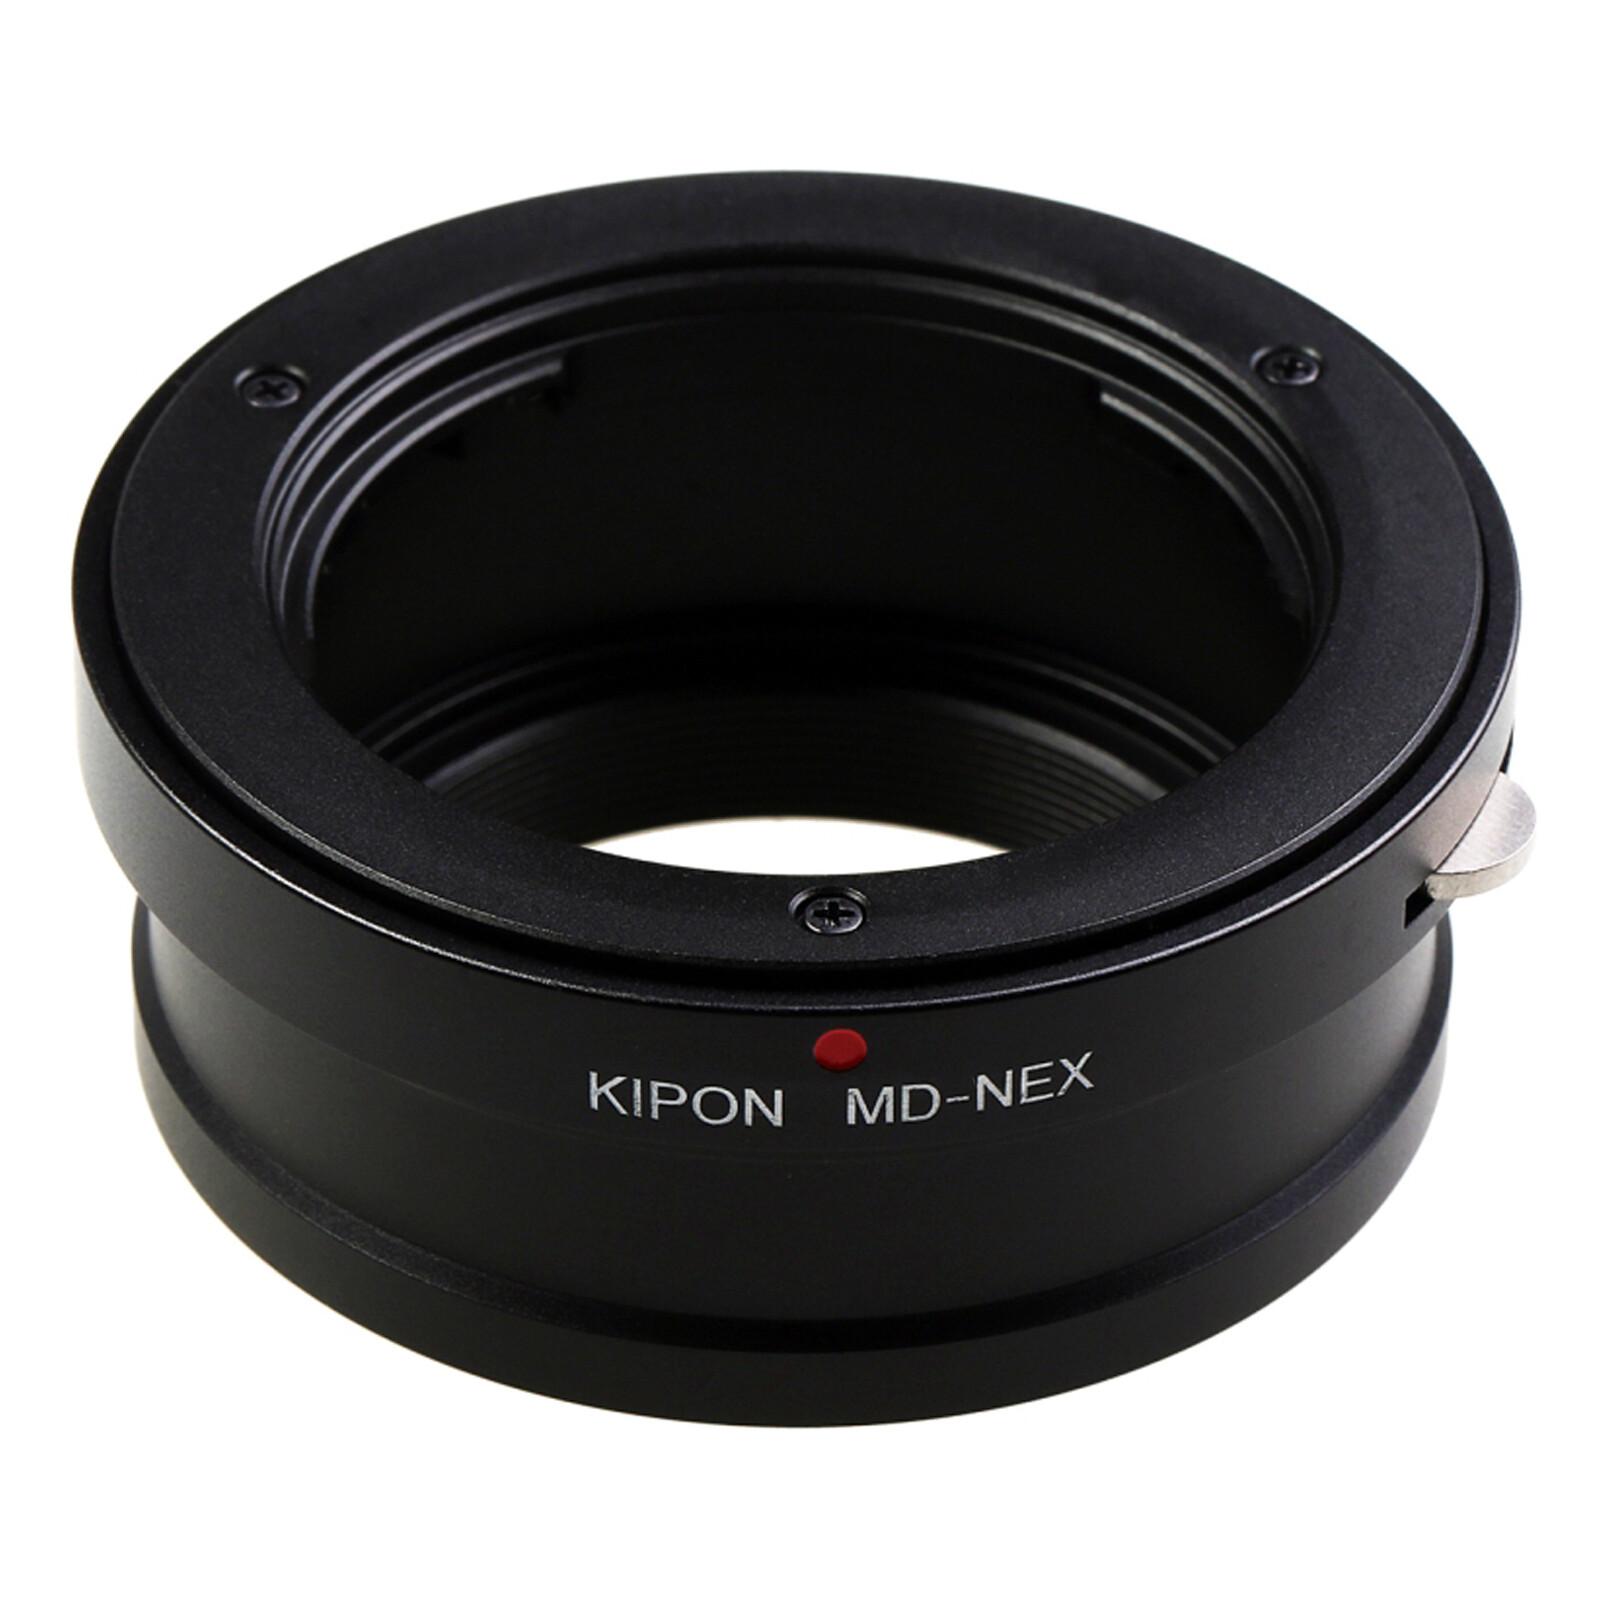 Kipon Adapter für Minolta MD auf Sony E